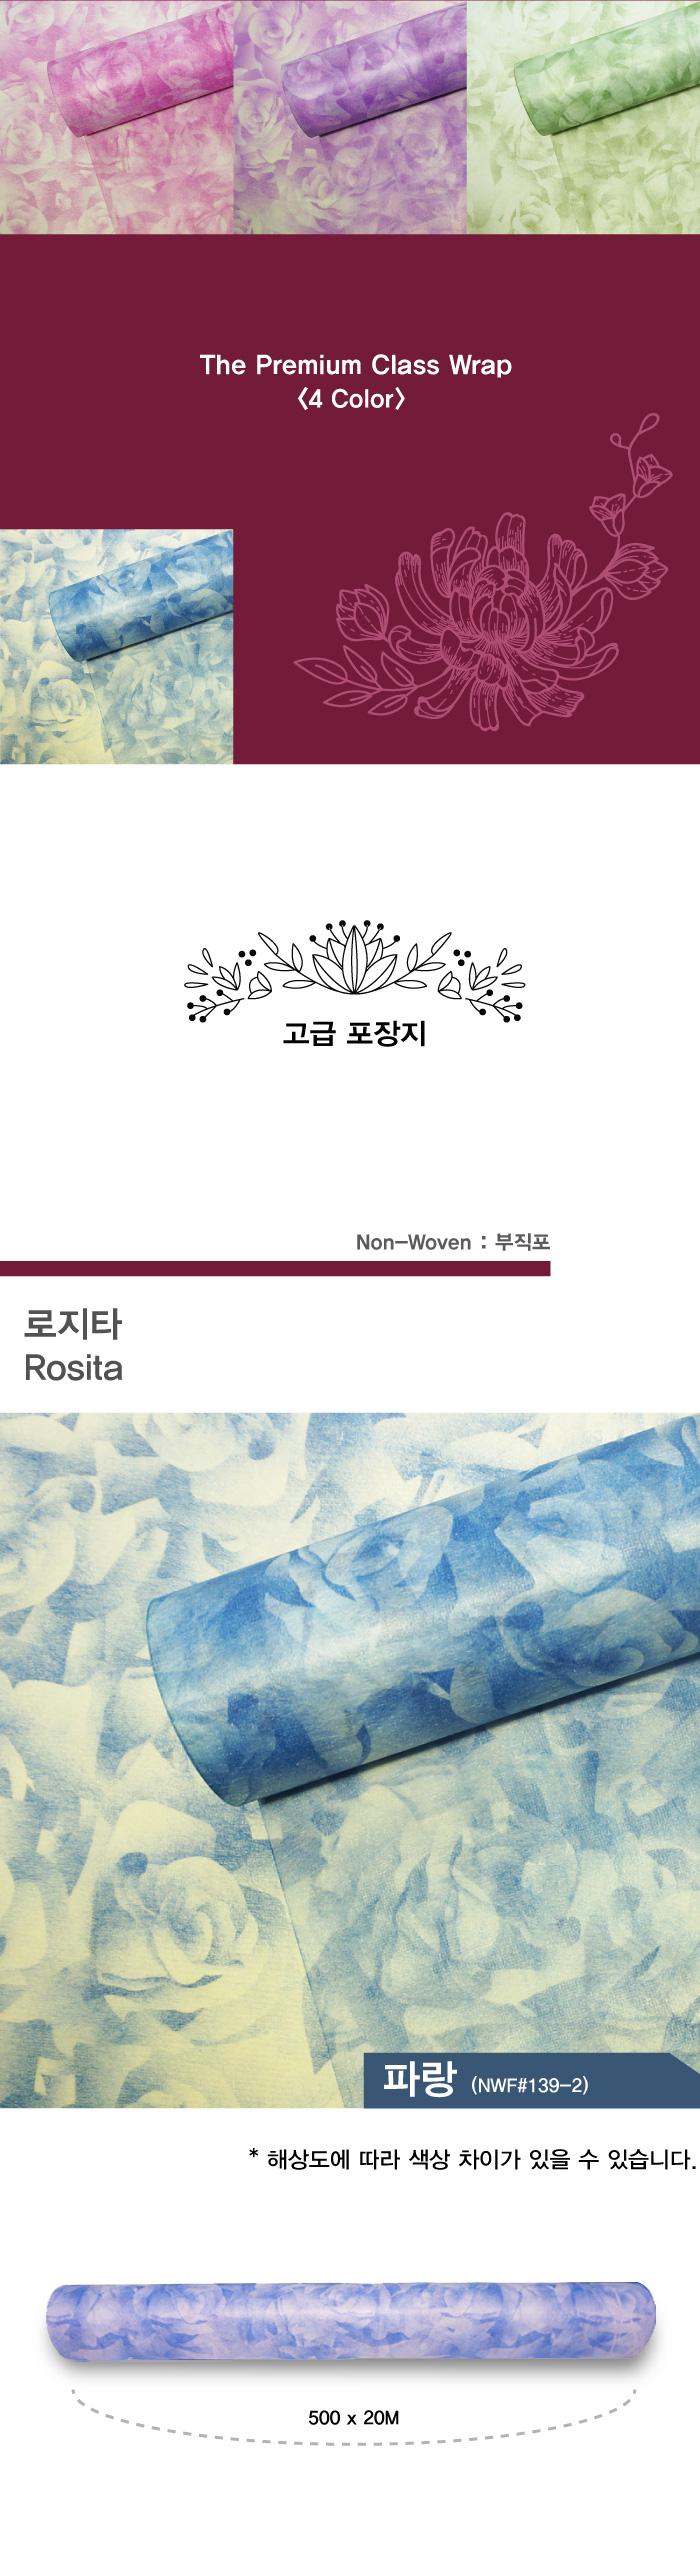 4.로지타-파랑